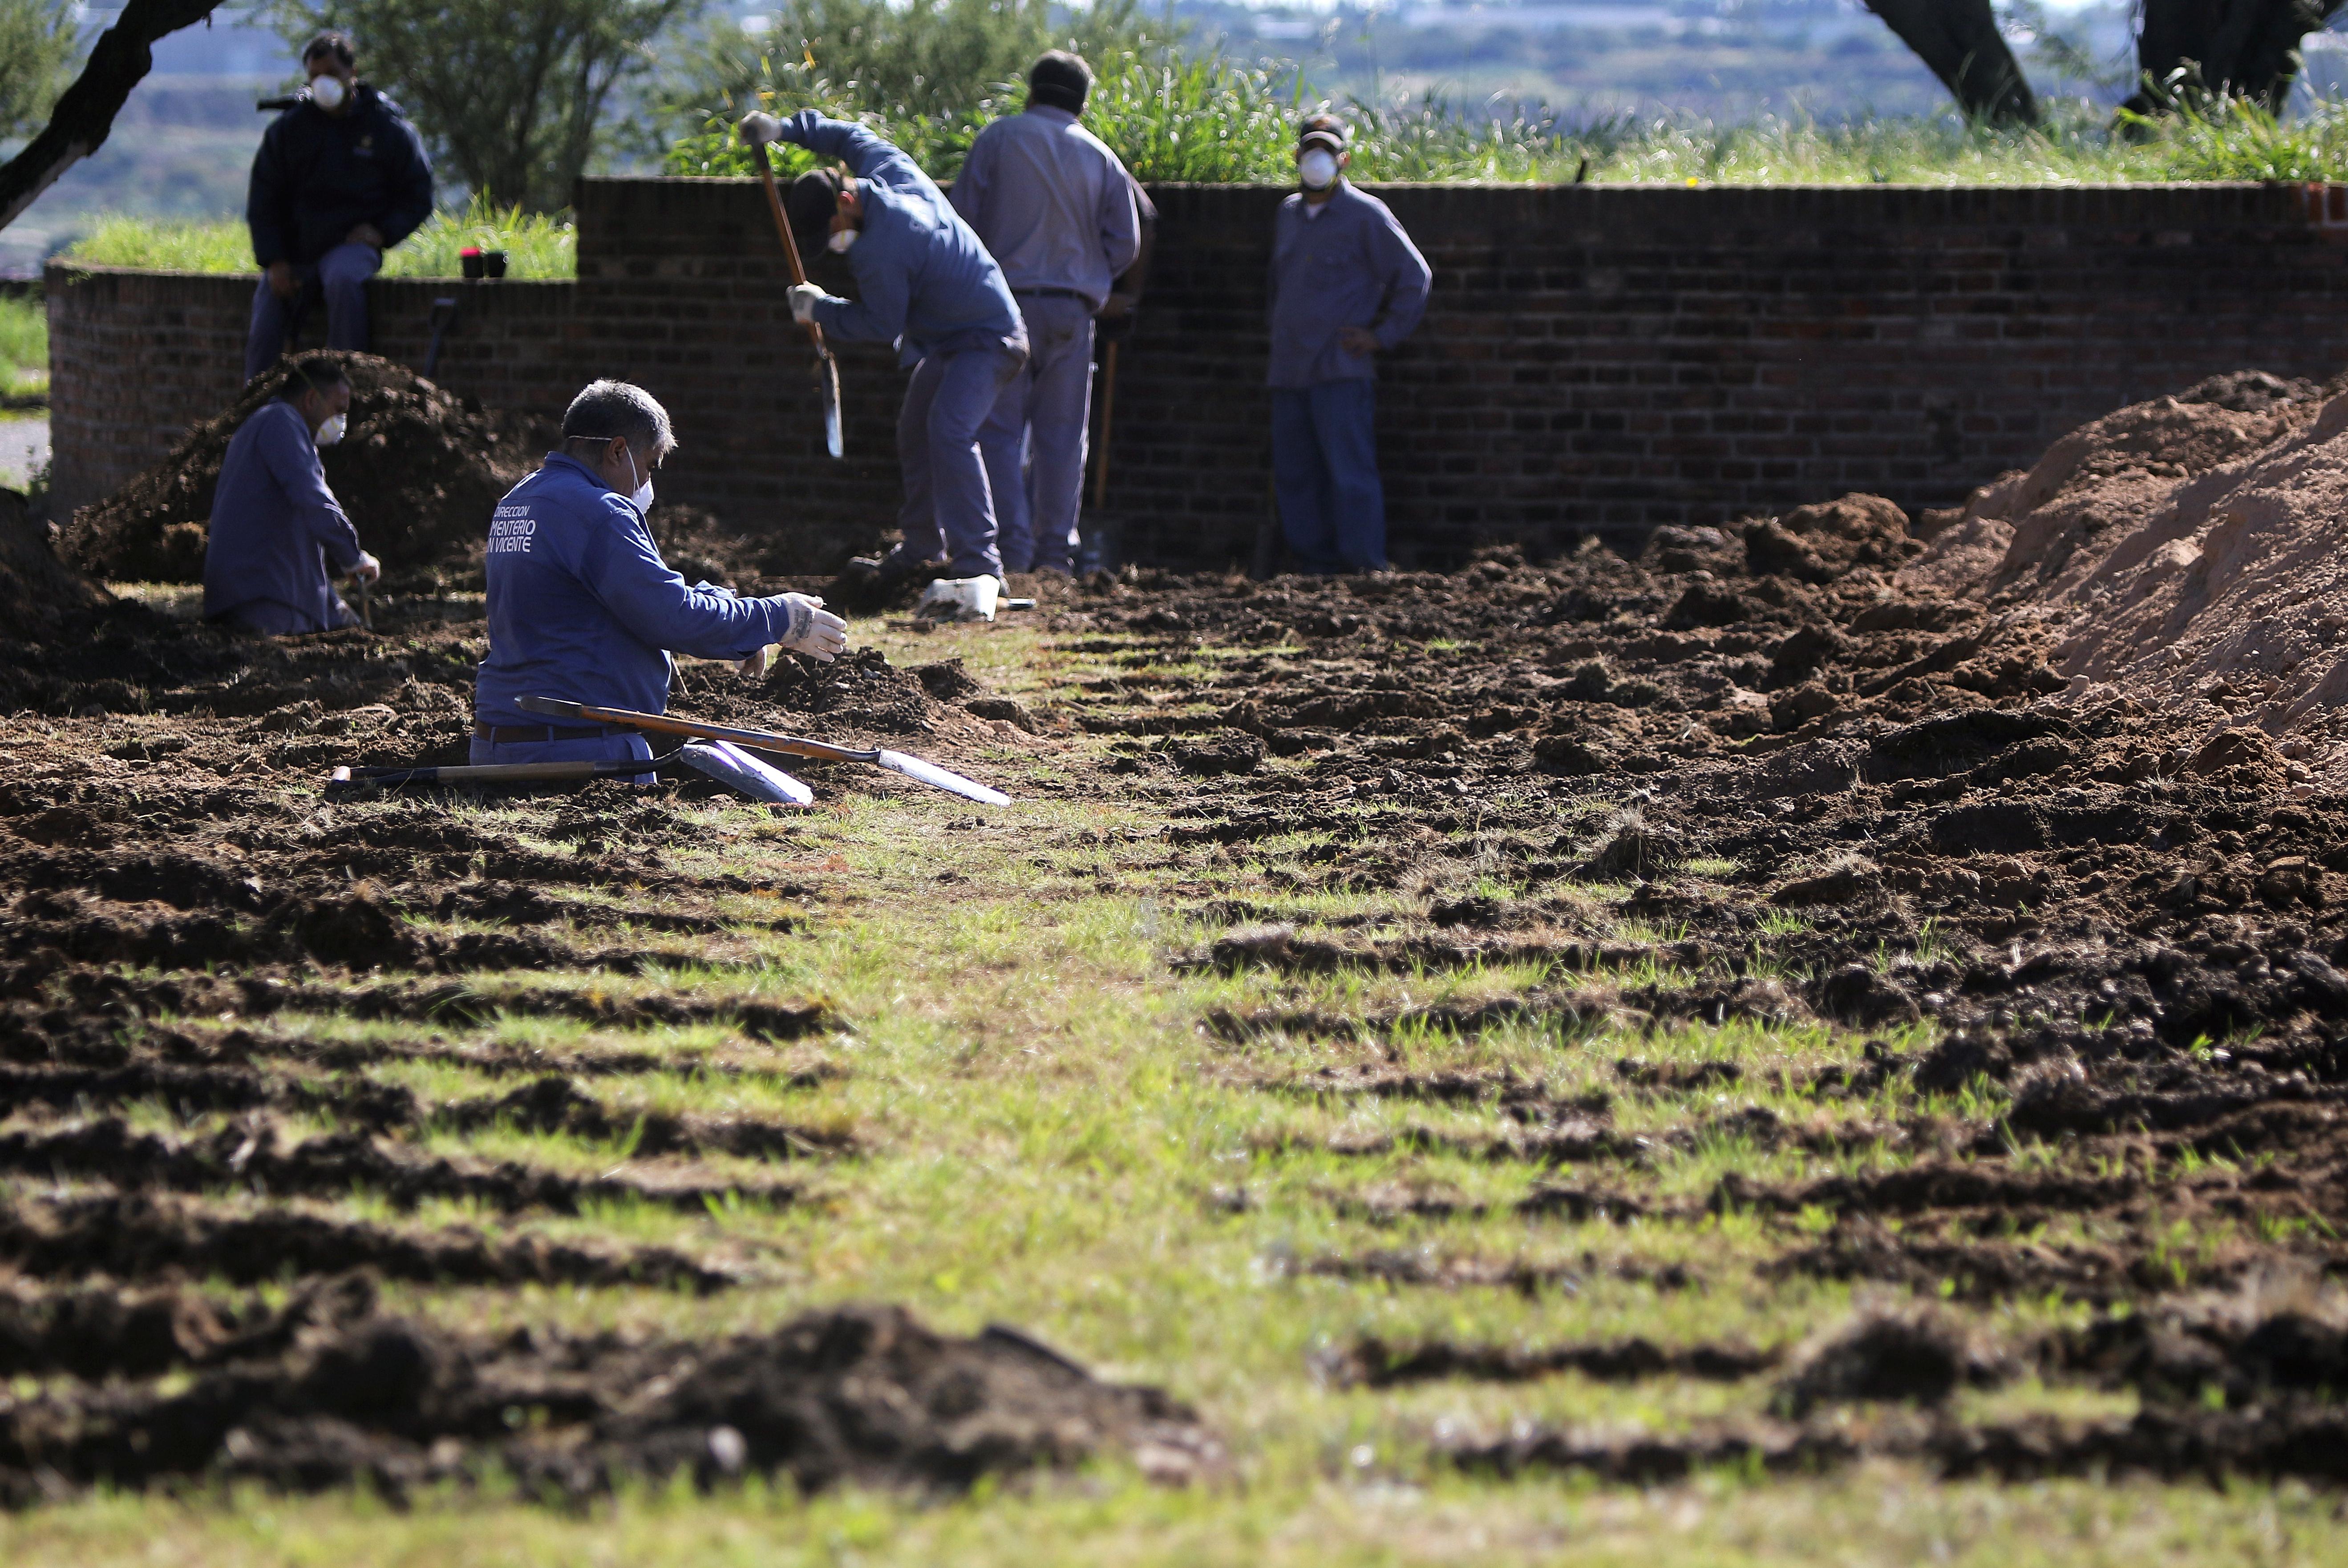 En el cementerio de la localidad de San Vicente, en Córdoba, pasaron de cavar cinco fosas diarias a más del doble cada 24 horas En total, 500 nuevos espacios fueron preparados a la espera del pico de la pandemia de COVID-19. En ese momento -mediados de abril- el país tenía poco más de 2.208 casos y 95 fallecidos. Y el tope de la curva se esperaba para mayo.